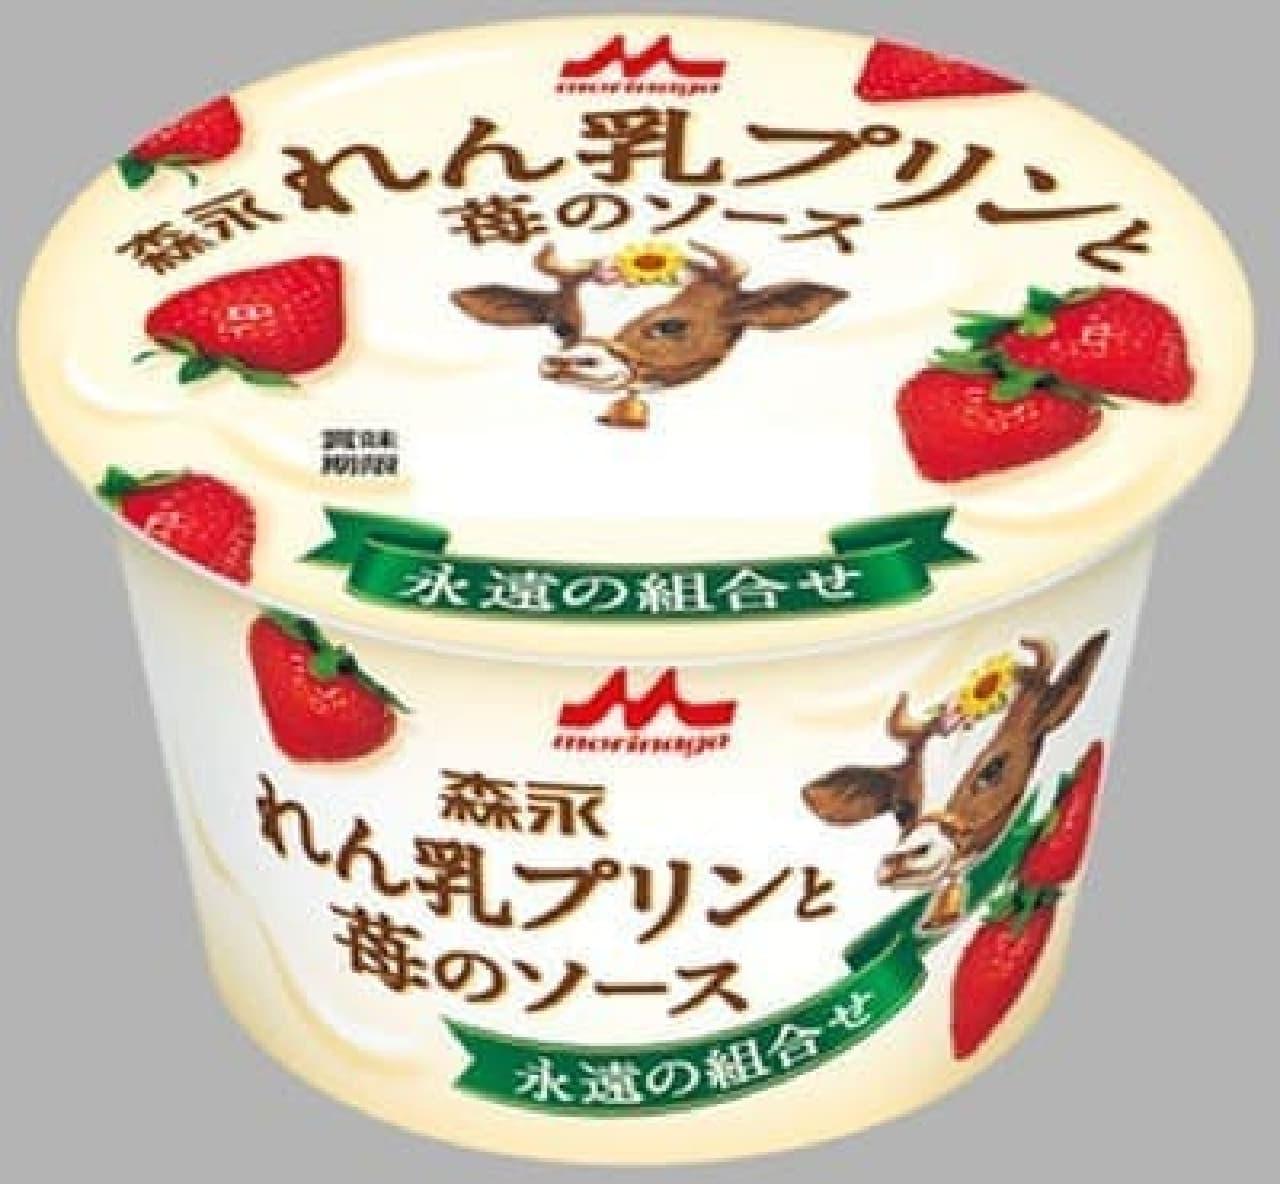 濃厚な練乳の甘さ×甘酸っぱい苺ソース